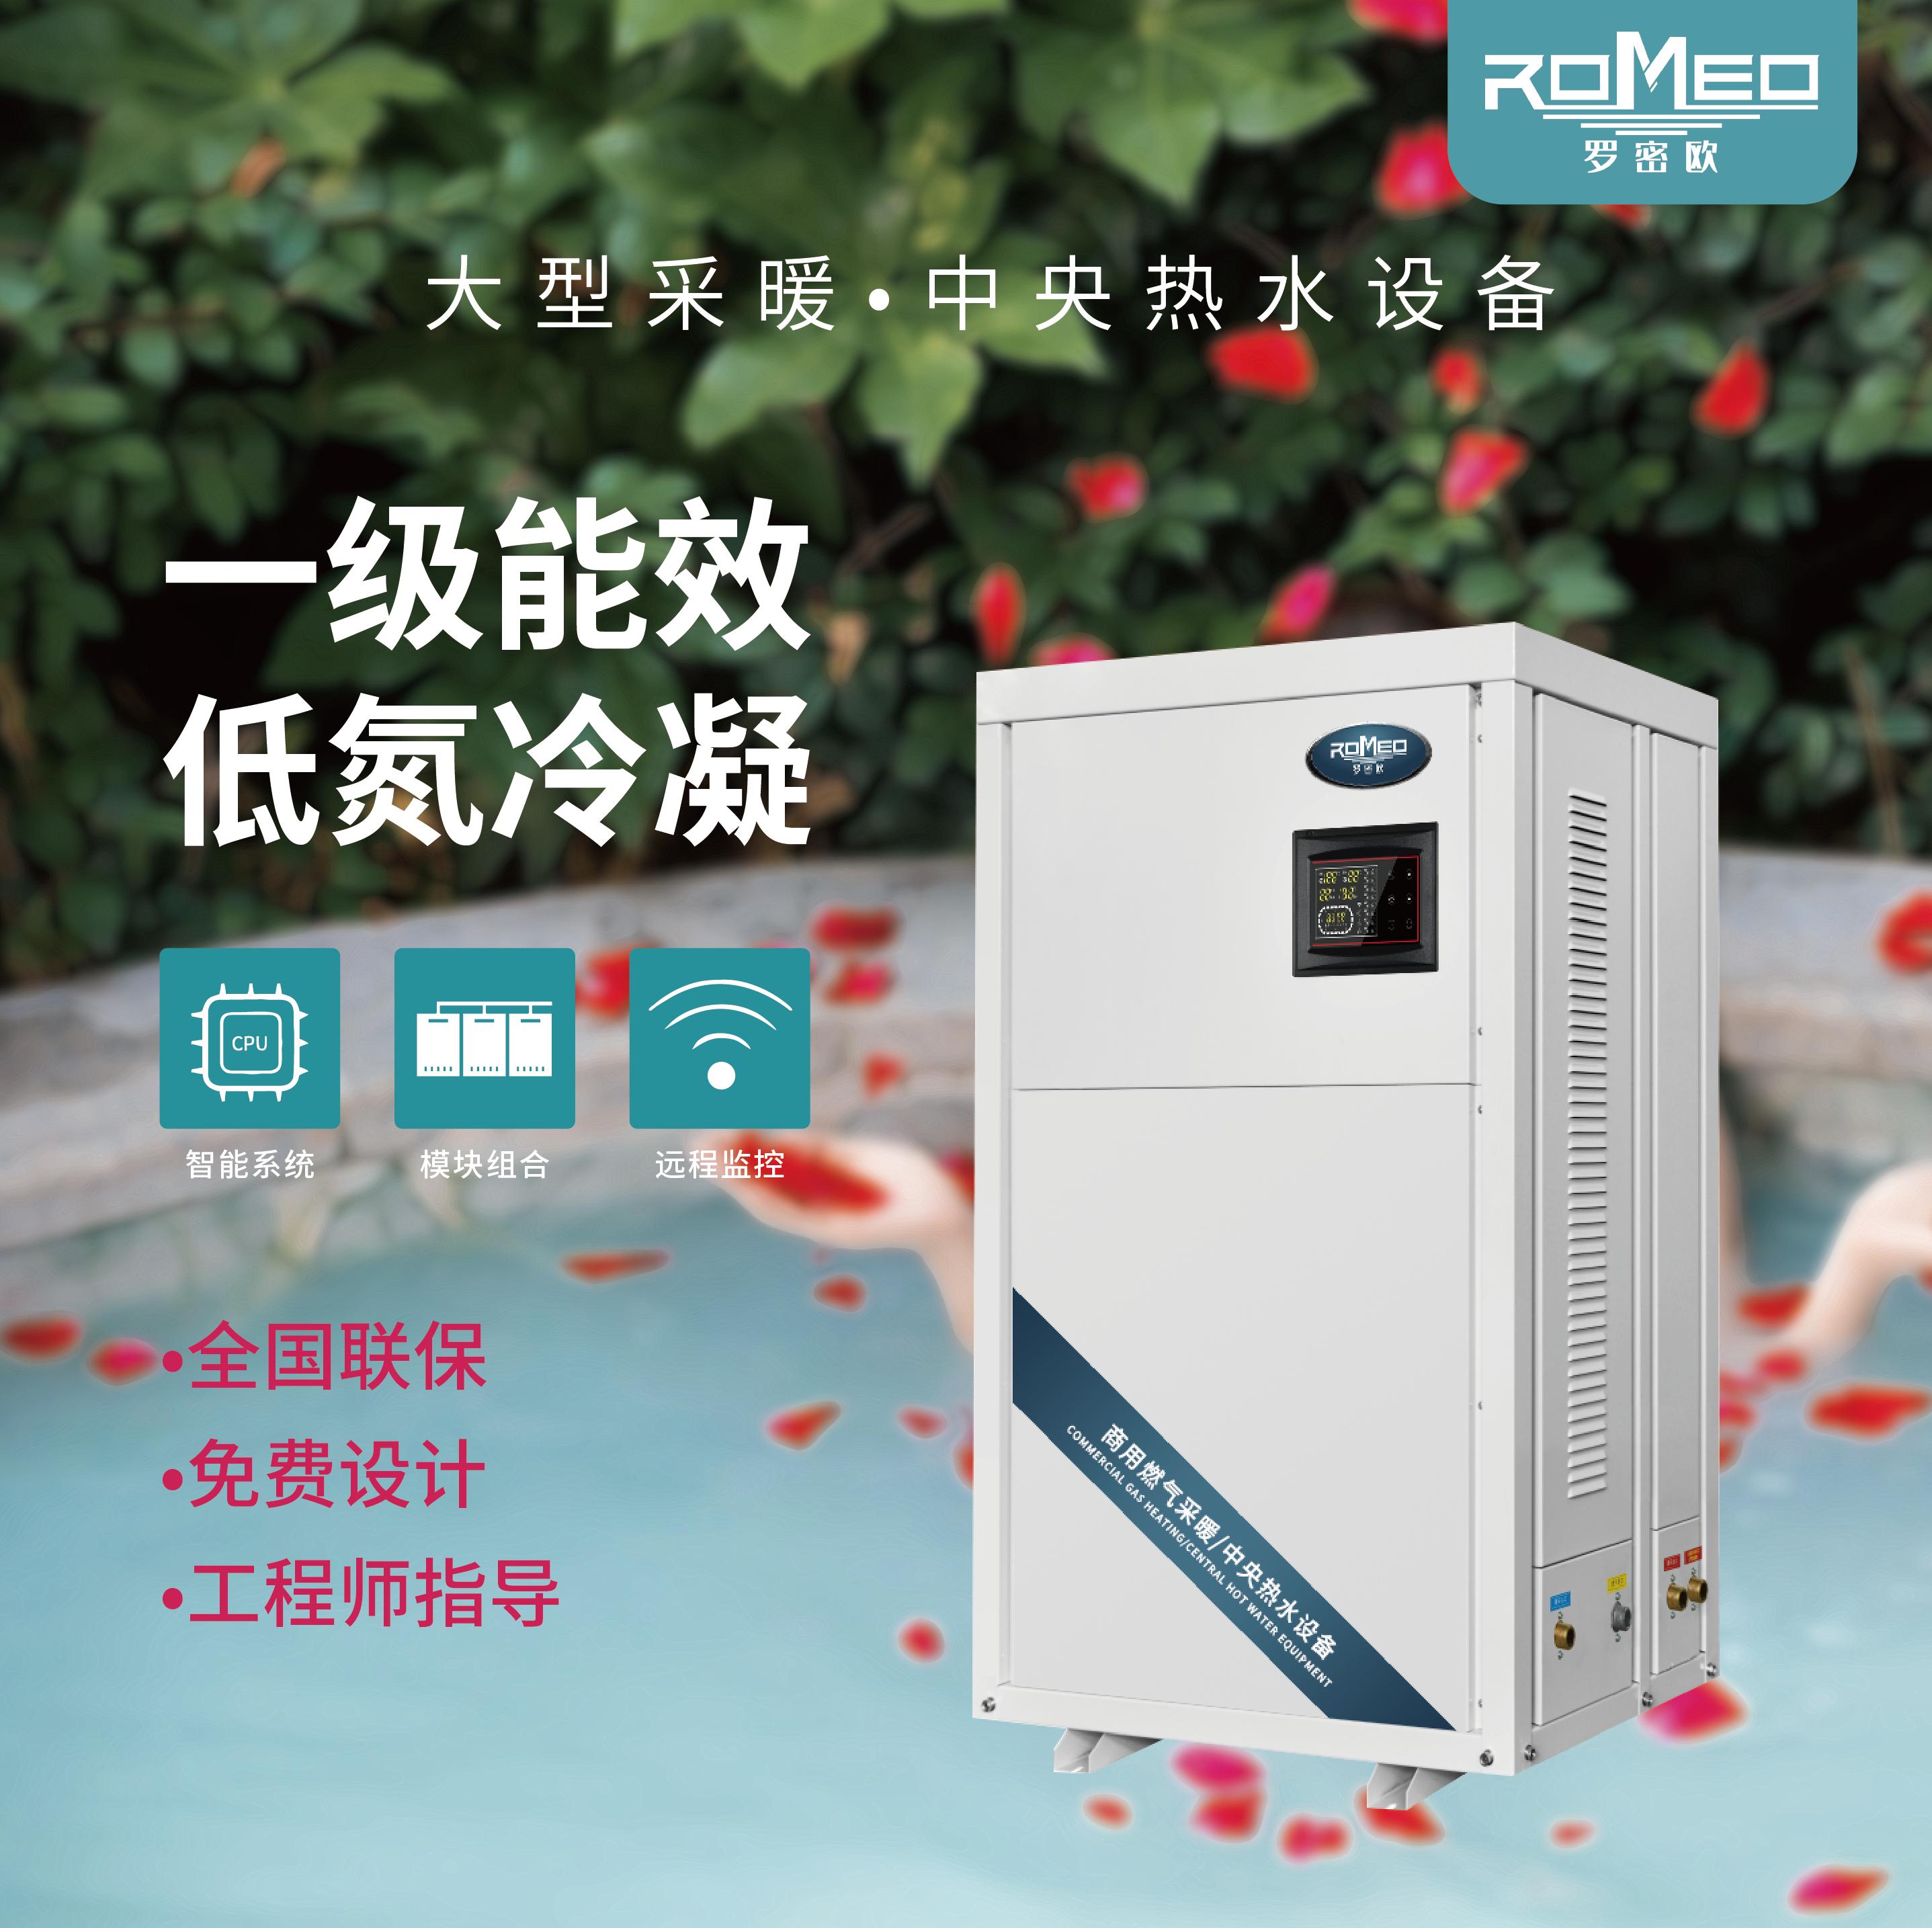 罗密欧商用采暖设备RM-ML400